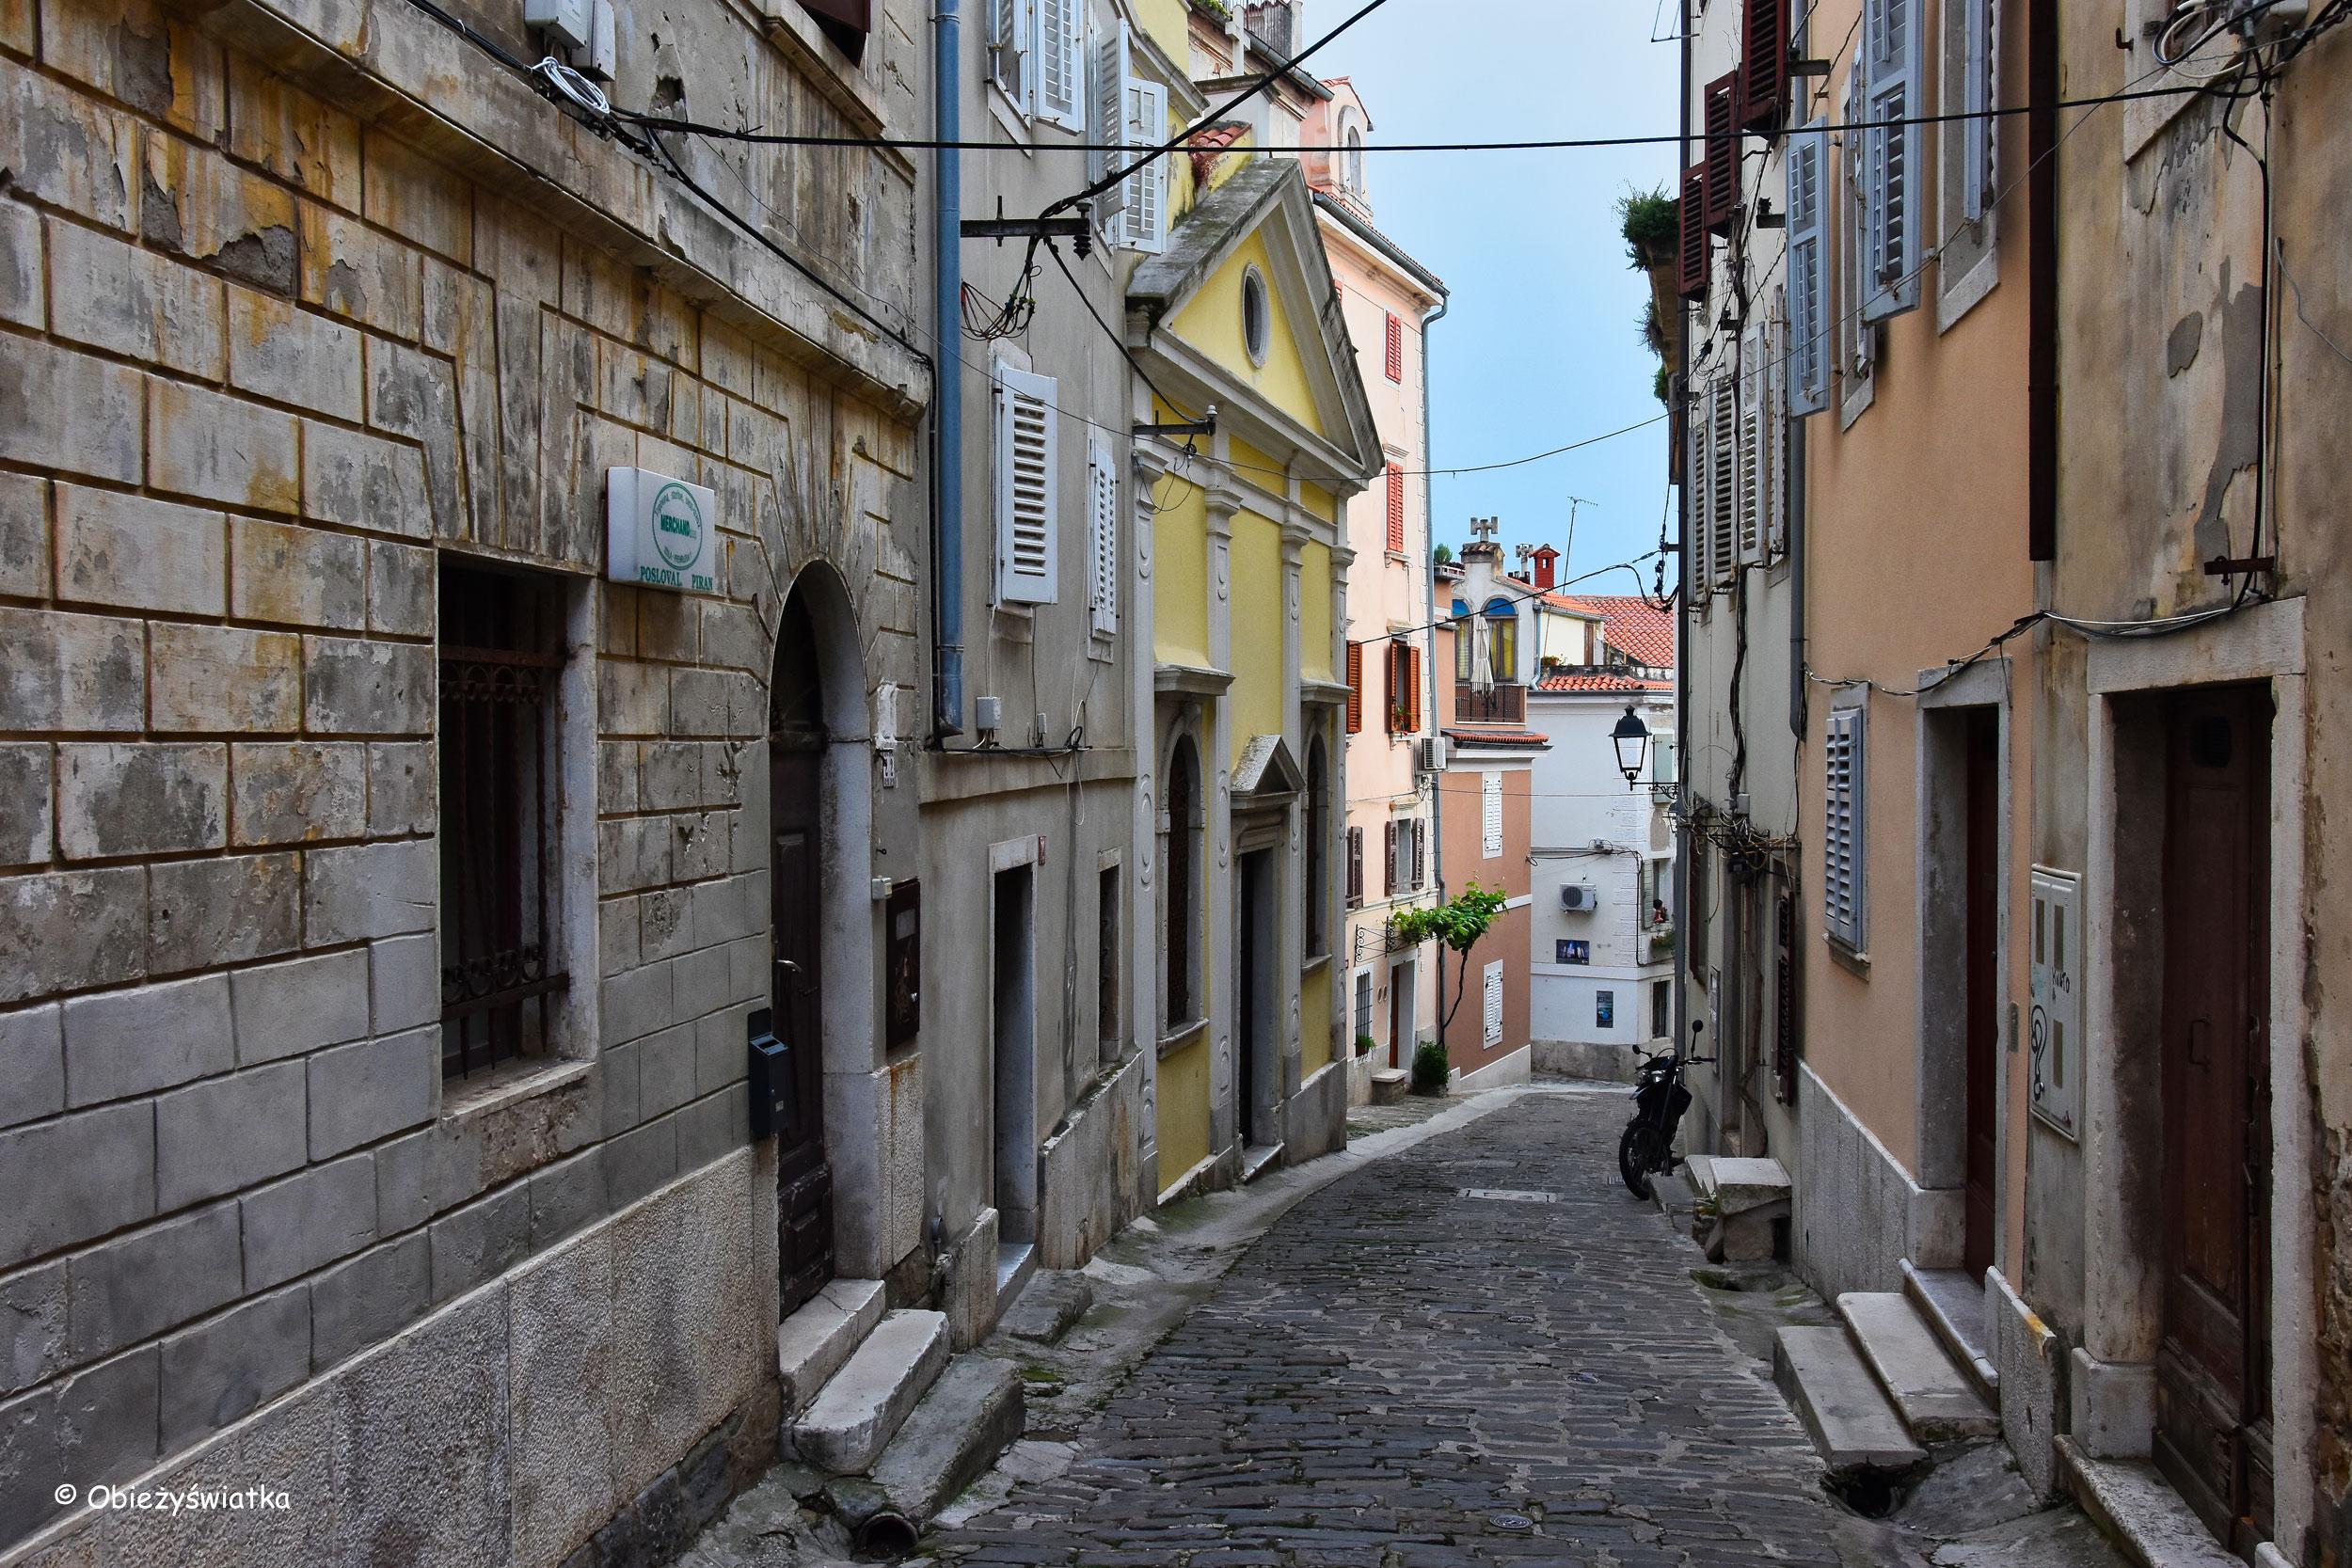 Wąskie uliczki w Piranie, Słowenia